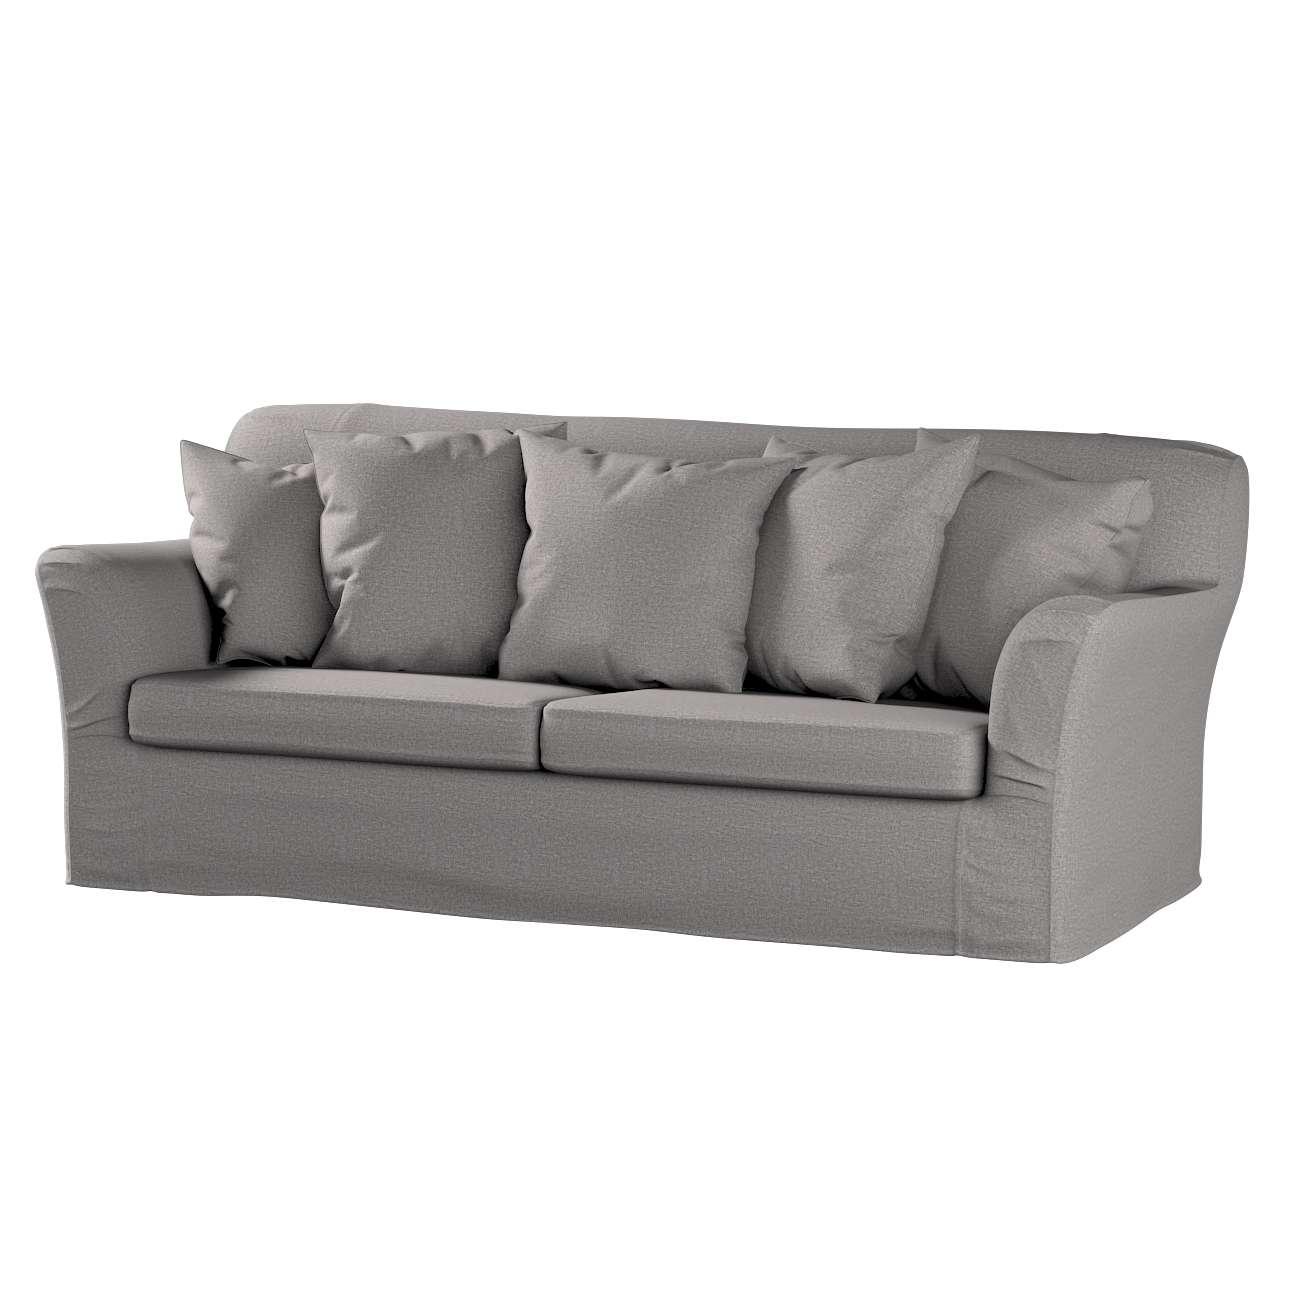 Pokrowiec na sofę Tomelilla 3-osobową rozkładaną Sofa Tomelilla rozkładana w kolekcji Edinburgh, tkanina: 115-81